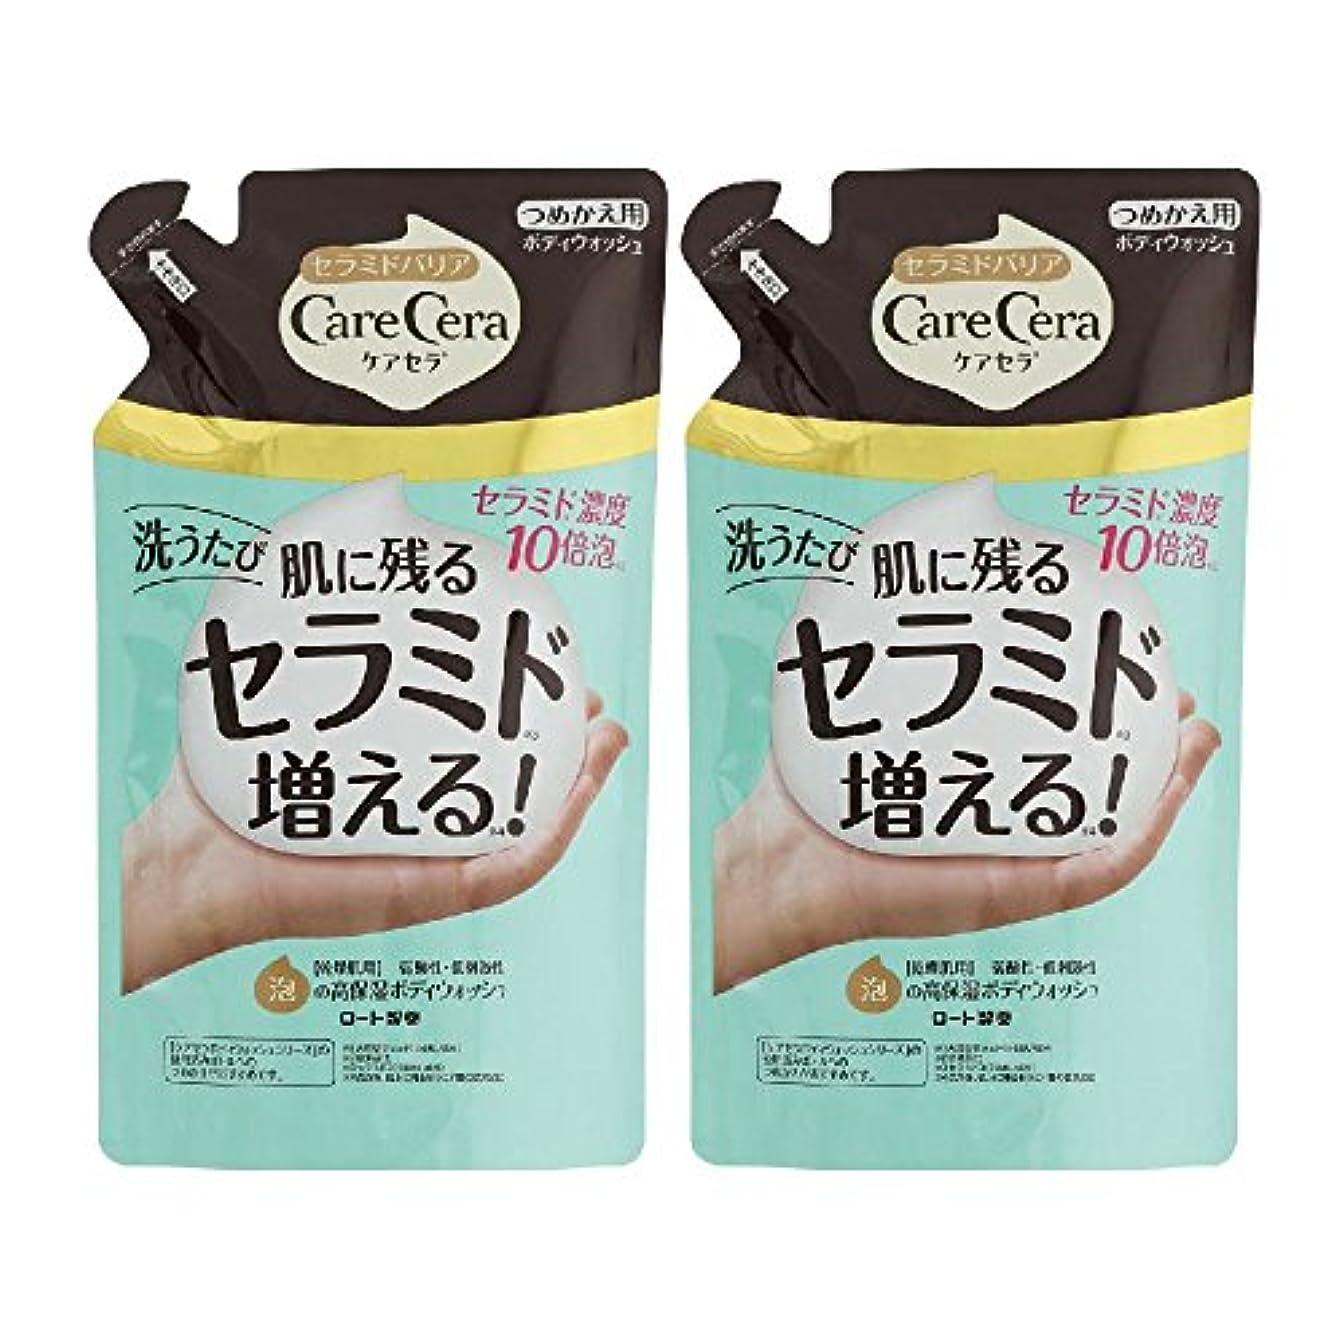 ハント議題膨張するケアセラ (CareCera) 泡の高保湿 ボディウォッシュ ピュアフローラルの香り (つめかえ用) 350mL×2個 ※セバメドモイスチャーローション10mlサンプル付き